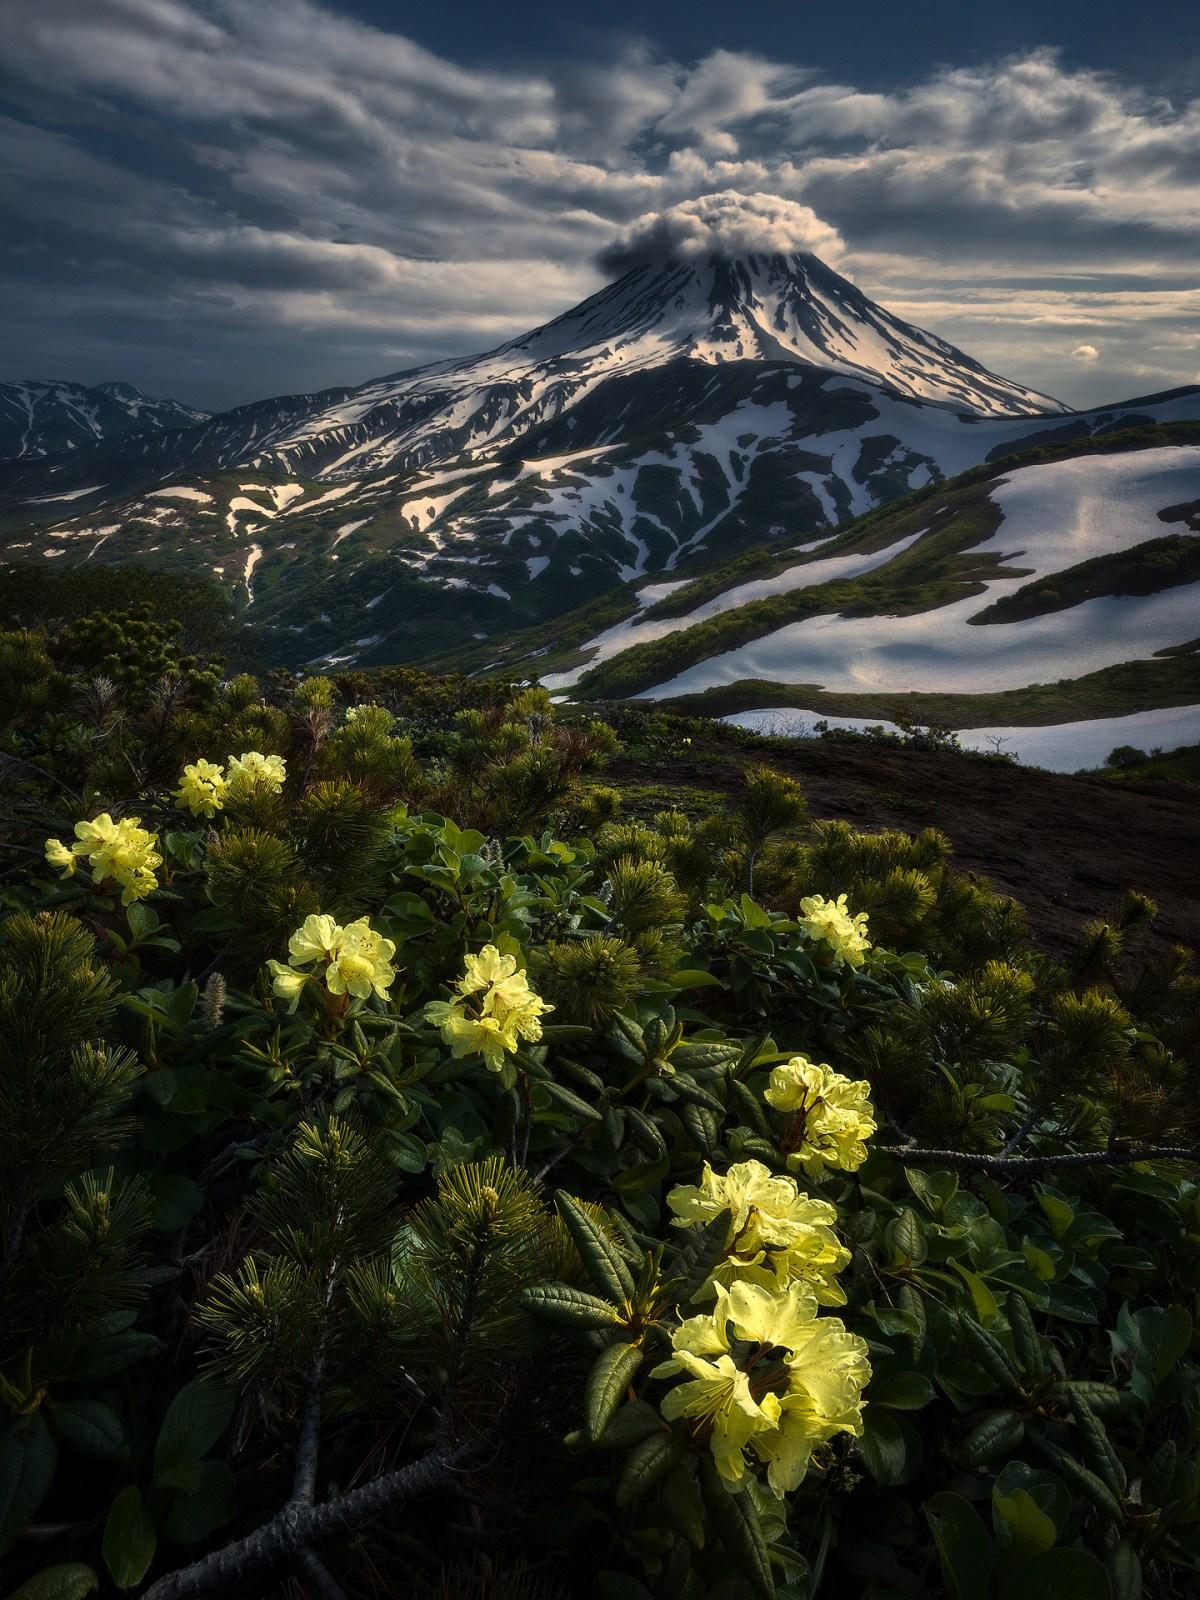 kamchatka-moss-and-fog-7